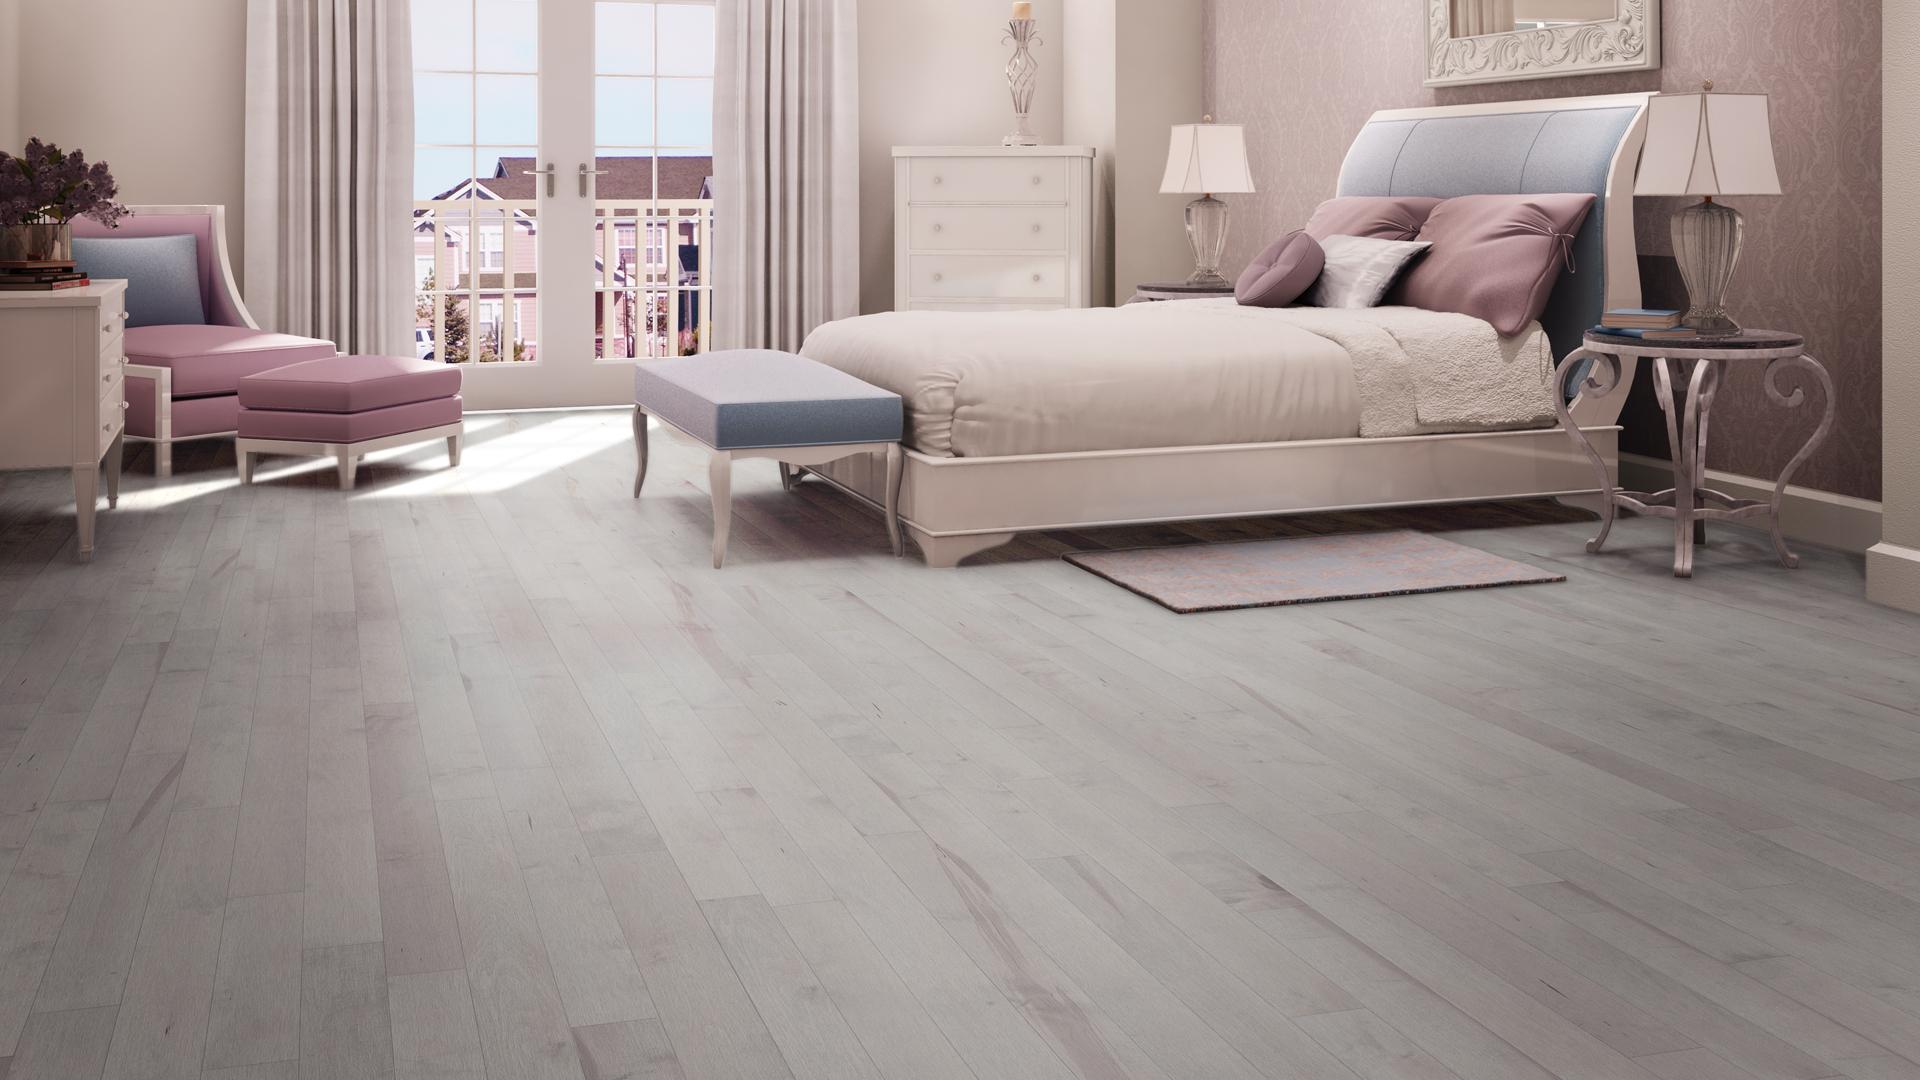 Hard maple nickel | Dubeau hardwood floors | Bedroom decor